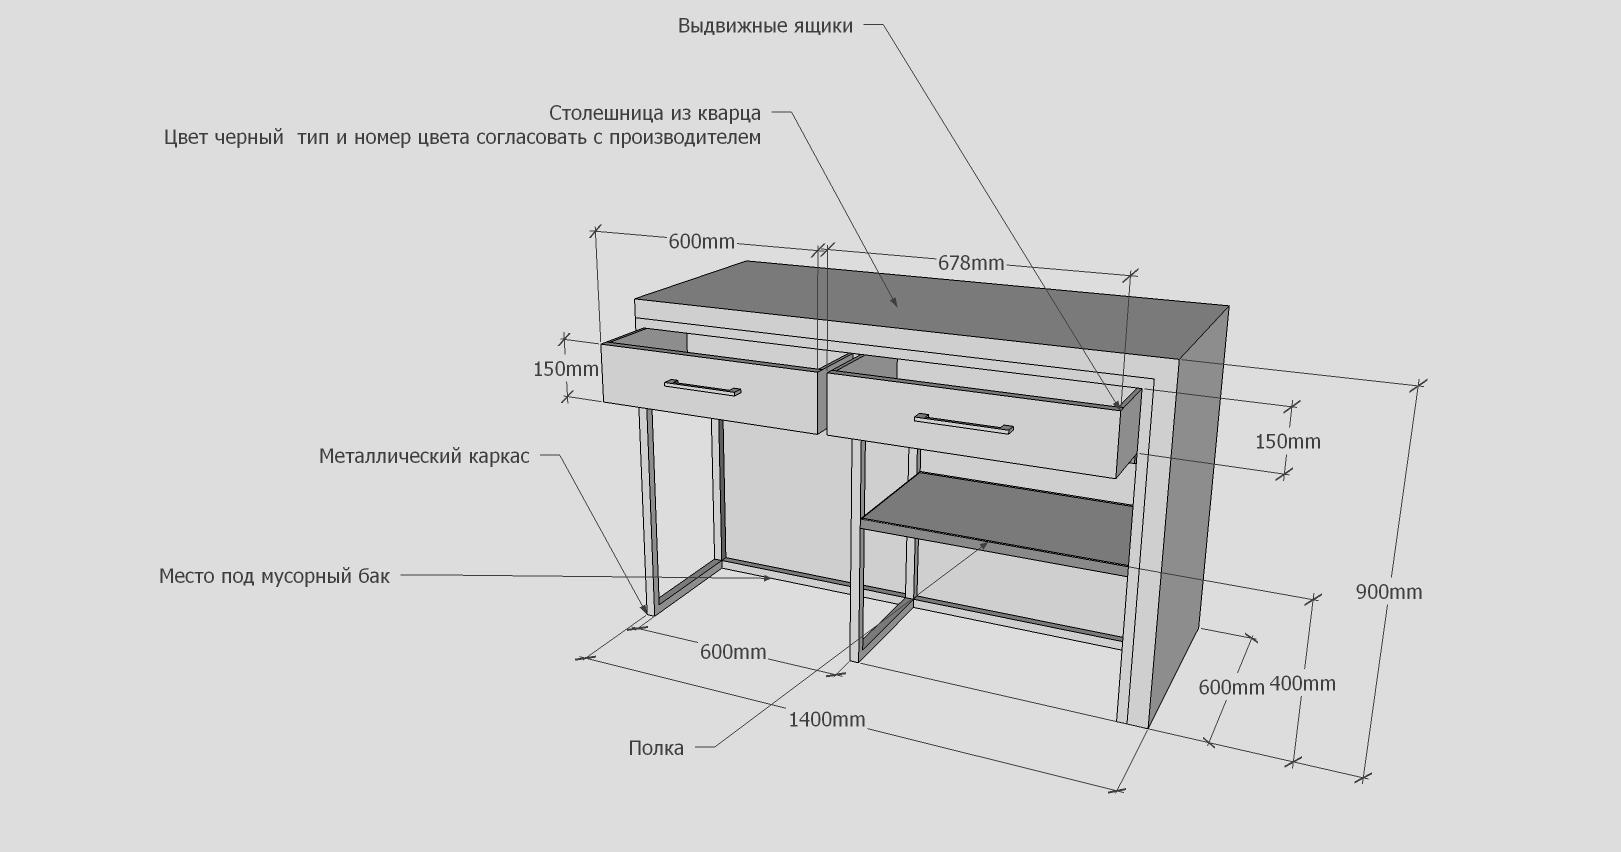 stol_вид_1